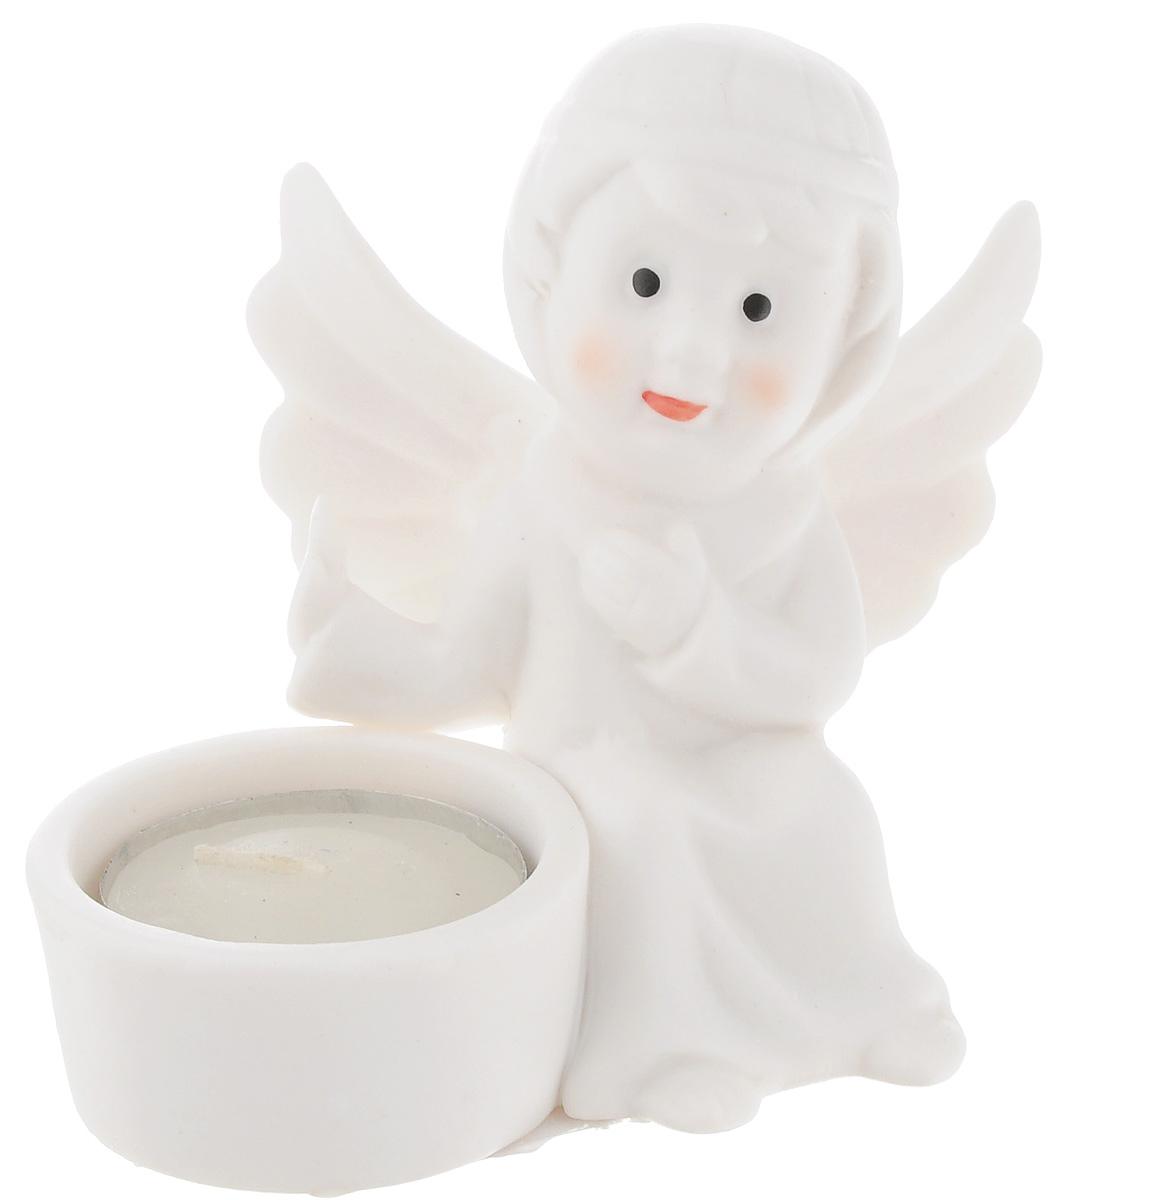 Подсвечник Lillo Ангел, со свечой, высота 8,5 смYLQ 10909Подсвечник Lillo Ангел, выполненный из керамики, украсит интерьер вашего дома или офиса. Оригинальный дизайн и красочное исполнение создадут праздничное настроение. Подсвечник выполнен в форме ангела, сидящего около небольшой чашечки. Внутри чашечки - парафиновая свеча. Вы можете поставить подсвечник в любом месте, где он будет удачно смотреться, и радовать глаз. Кроме того - это отличный вариант подарка для ваших близких и друзей в преддверии Нового года.